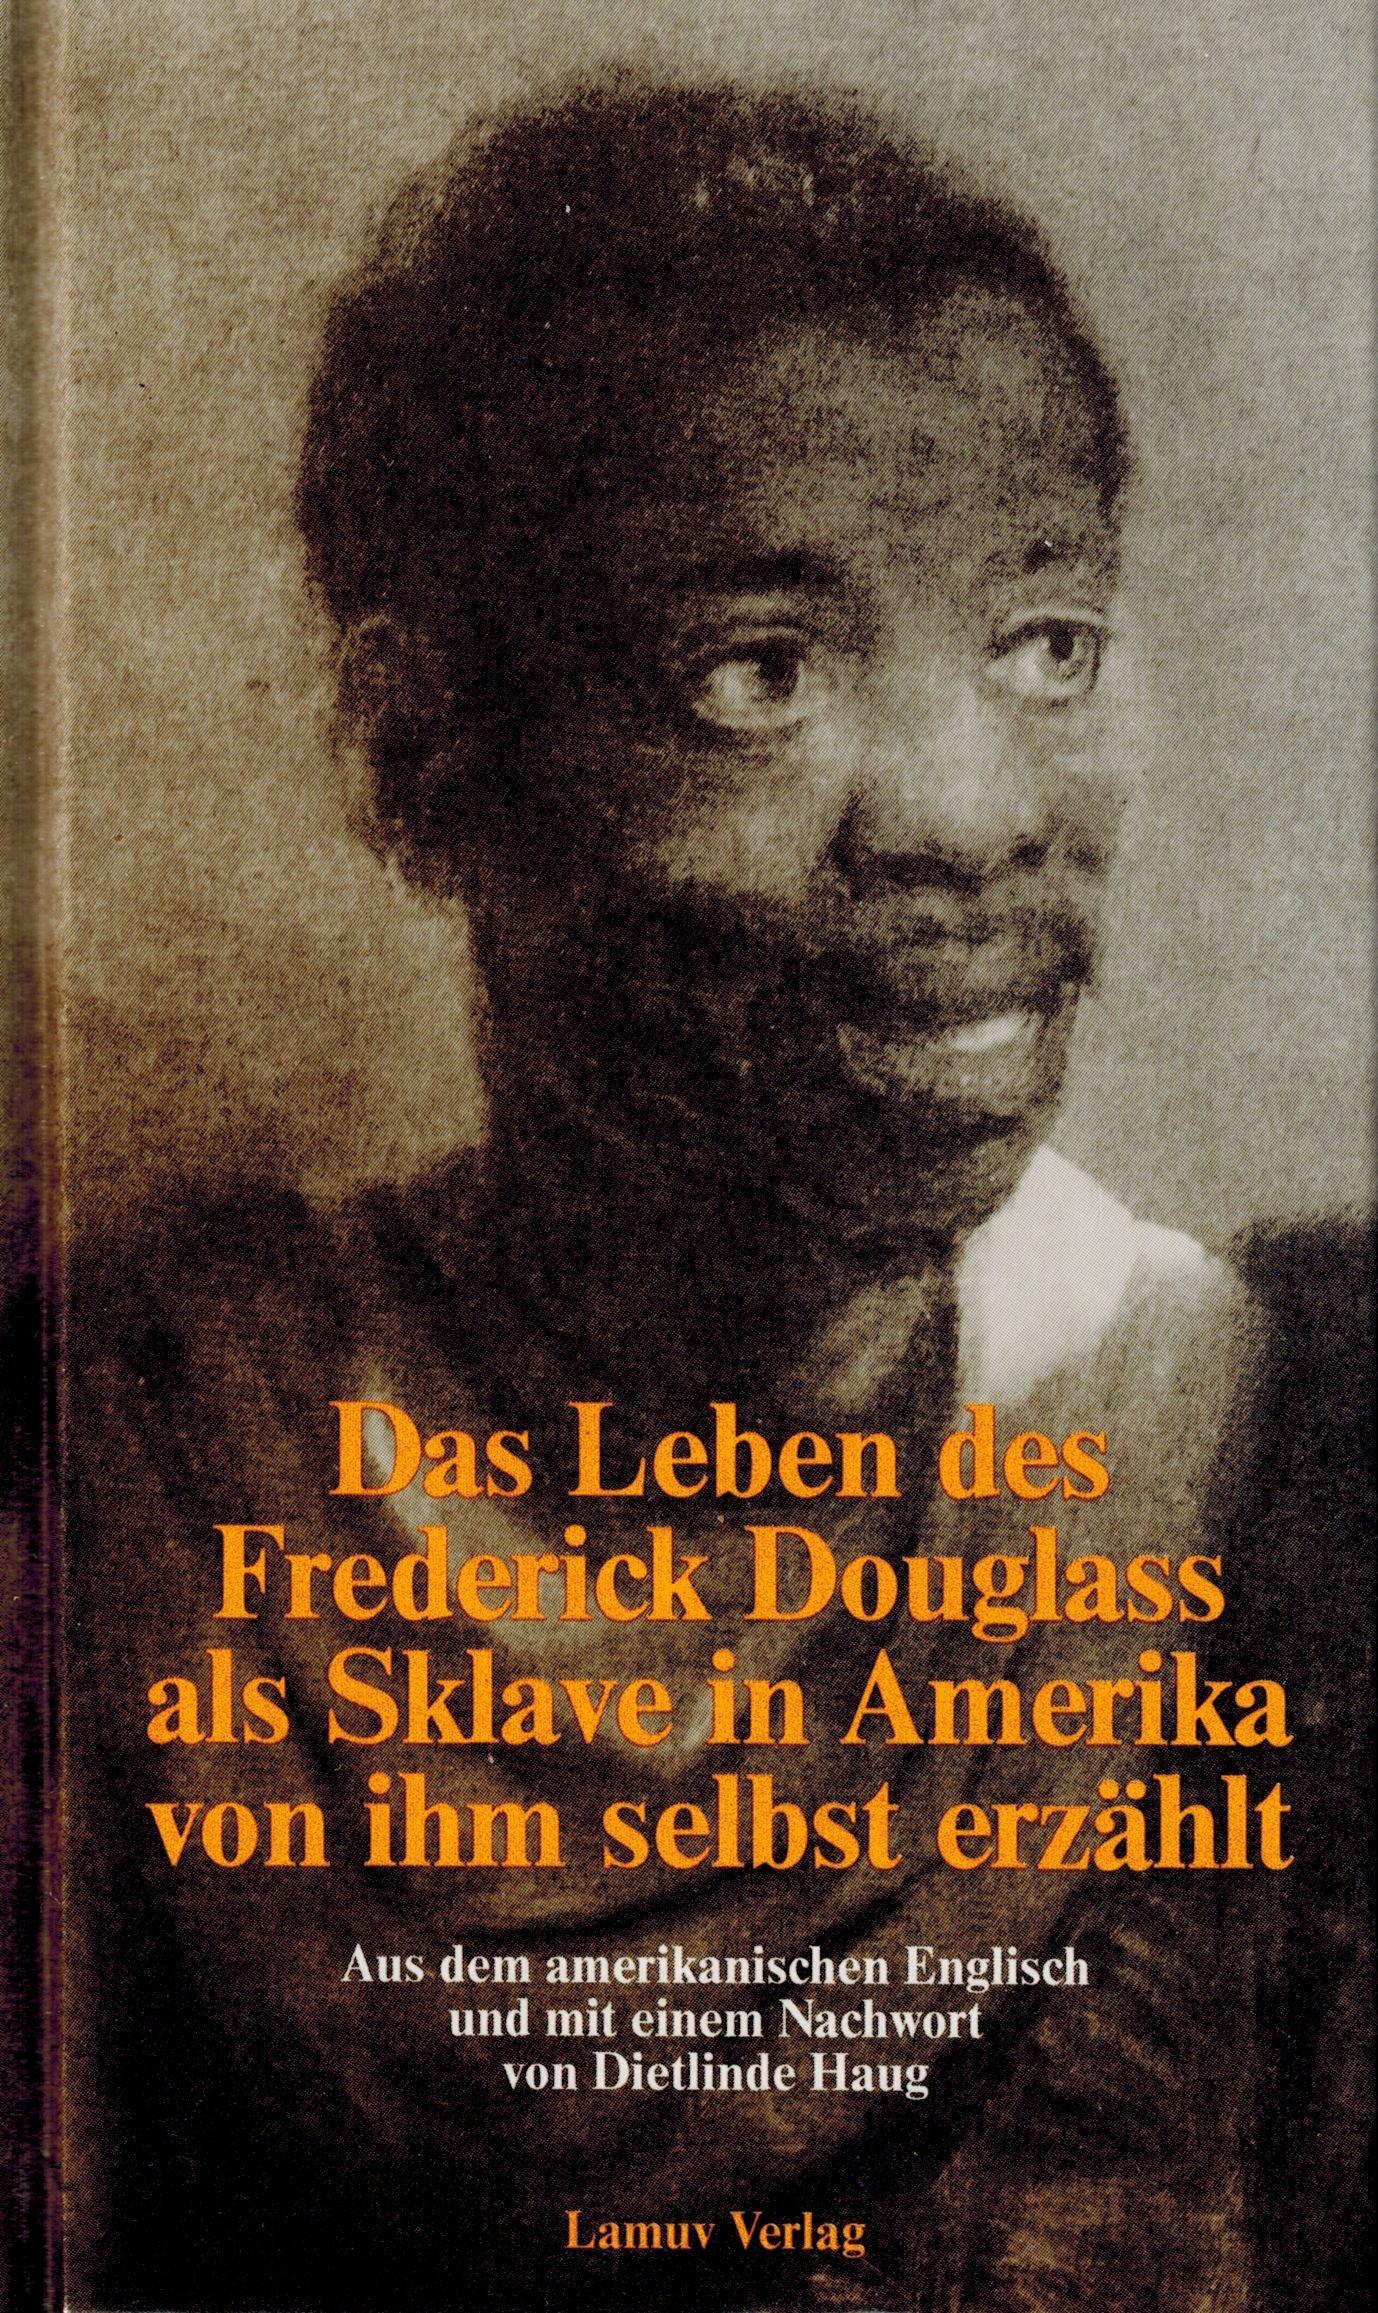 Das Leben des Frederick Douglass als Sklave in Amerika, von ihm selbst erzählt